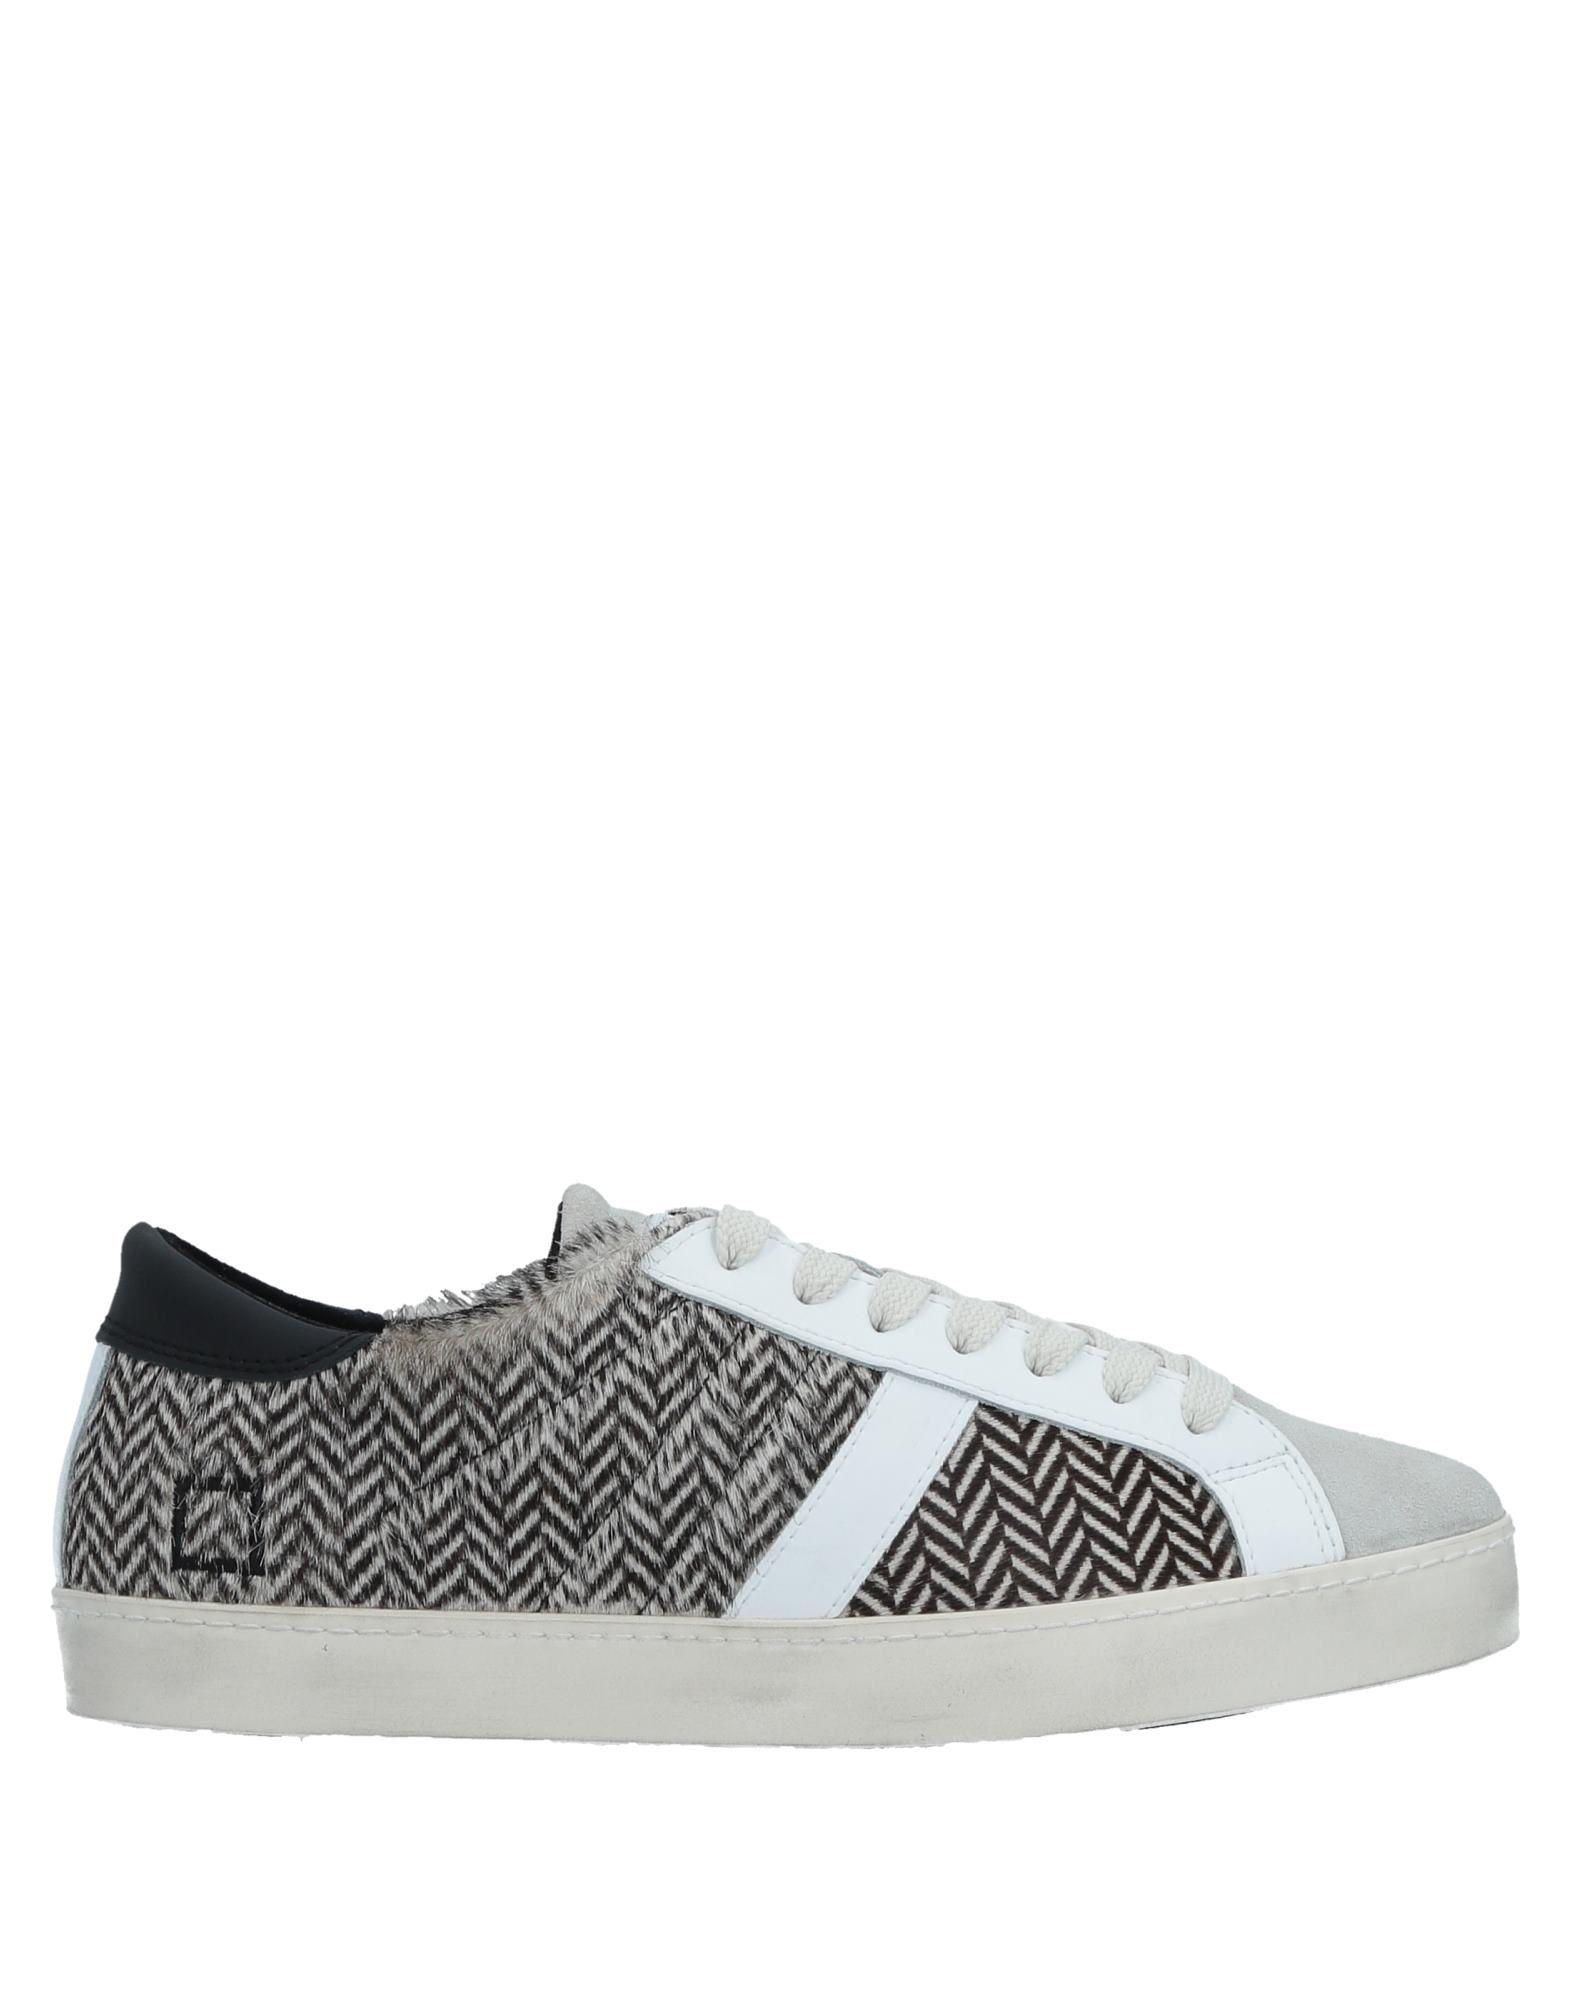 Sneakers D.A.T.E. Uomo - 11519214UV Scarpe economiche e buone